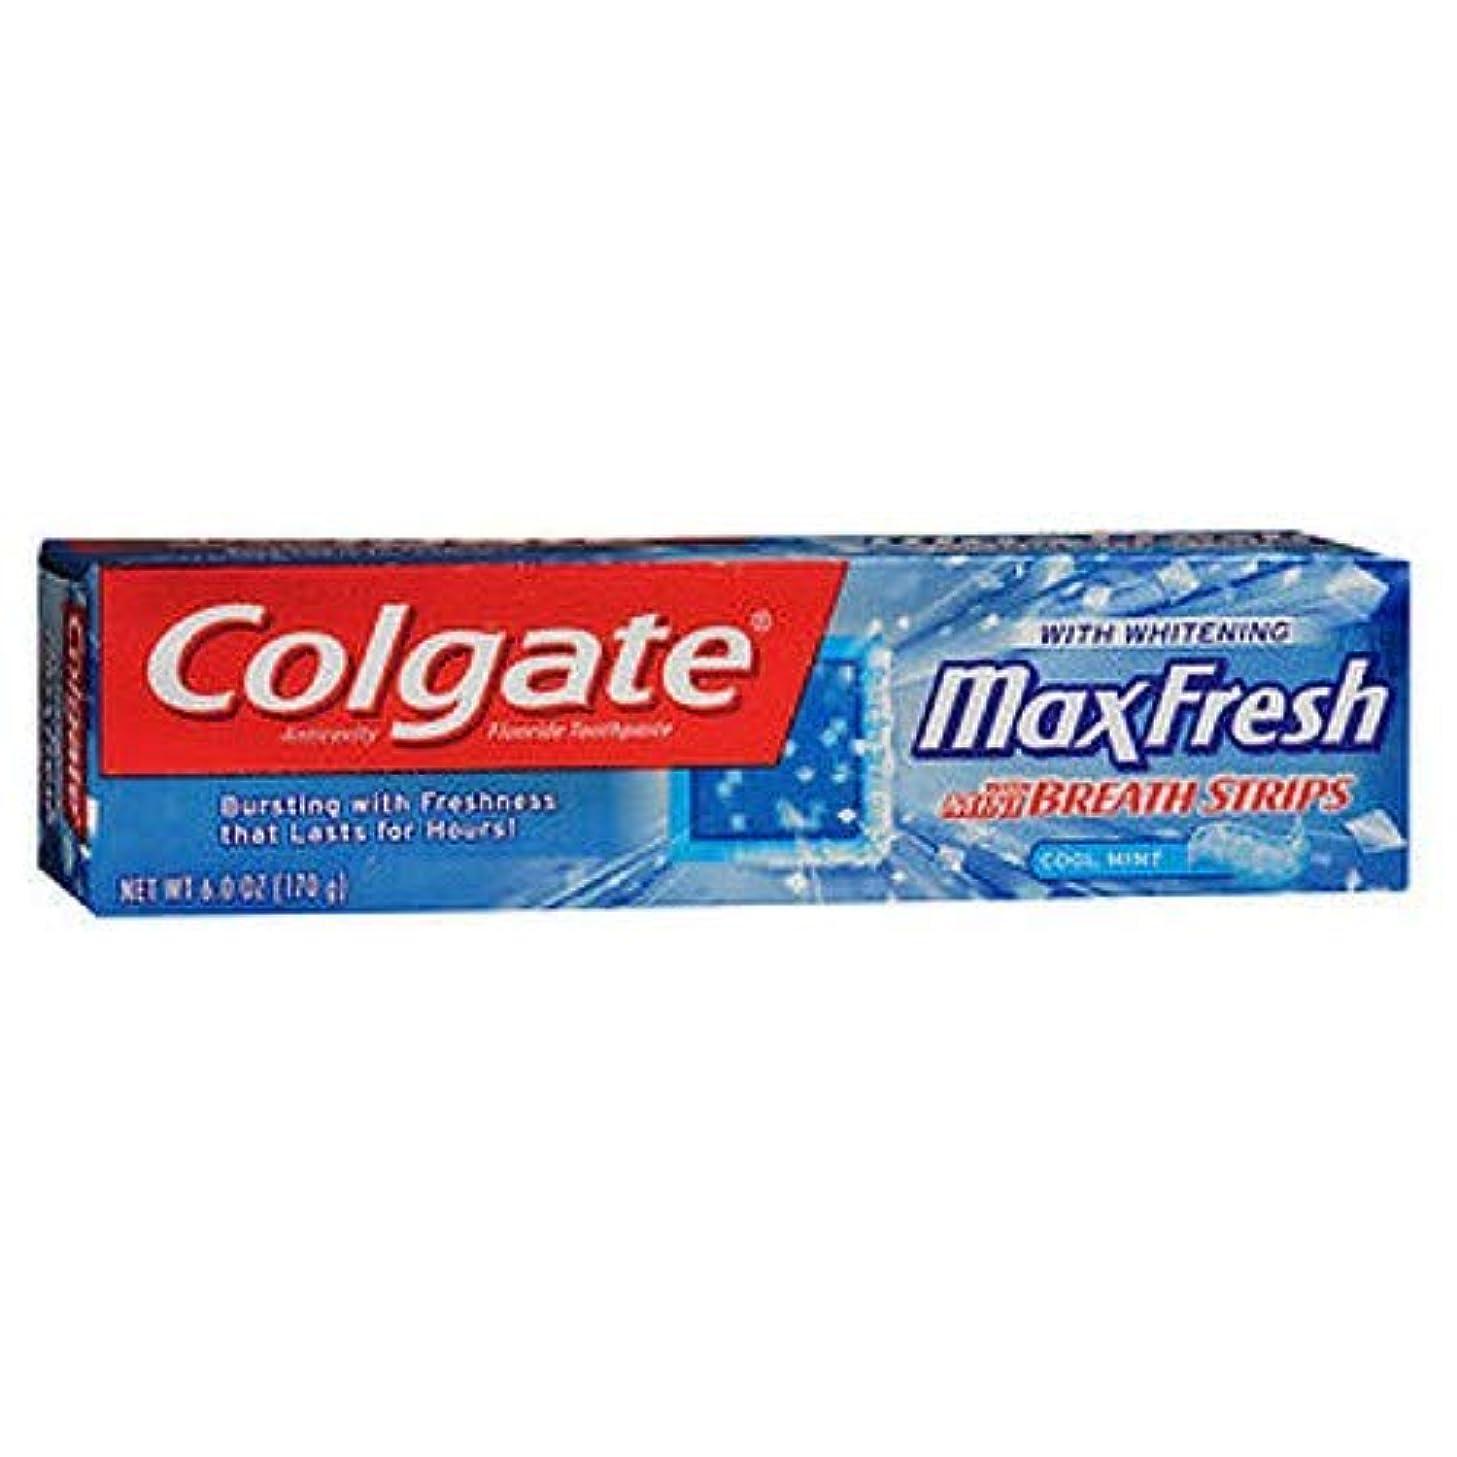 旋律的ちっちゃい形状Colgate マックス新鮮なハミガキミニブレスストリップ,ミント&#44クール。 6オズ。